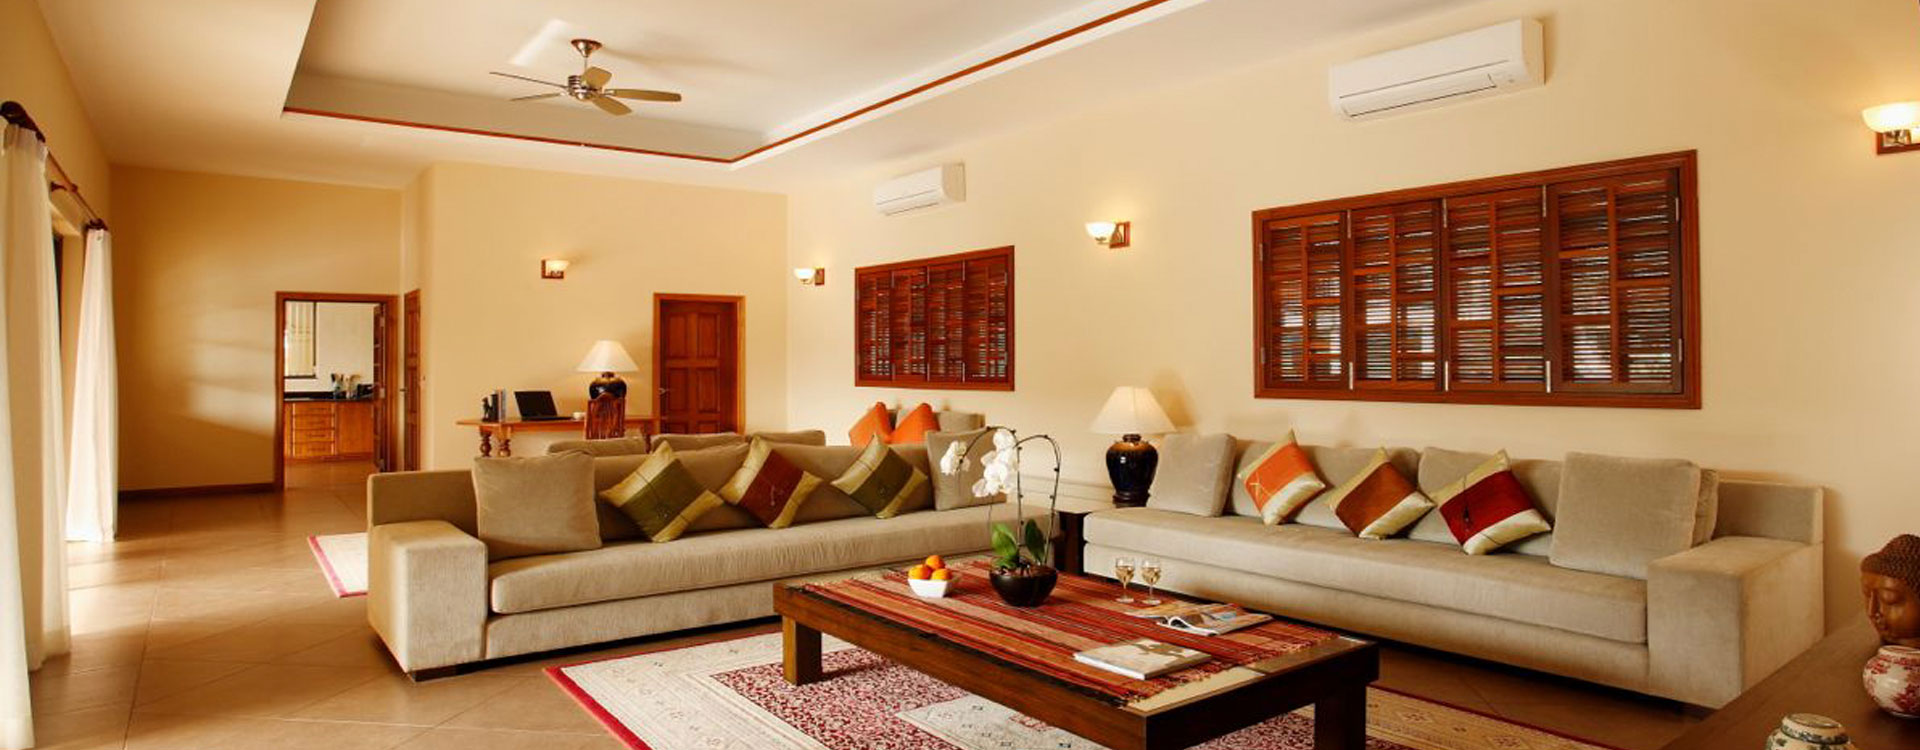 Villa2 Living Room